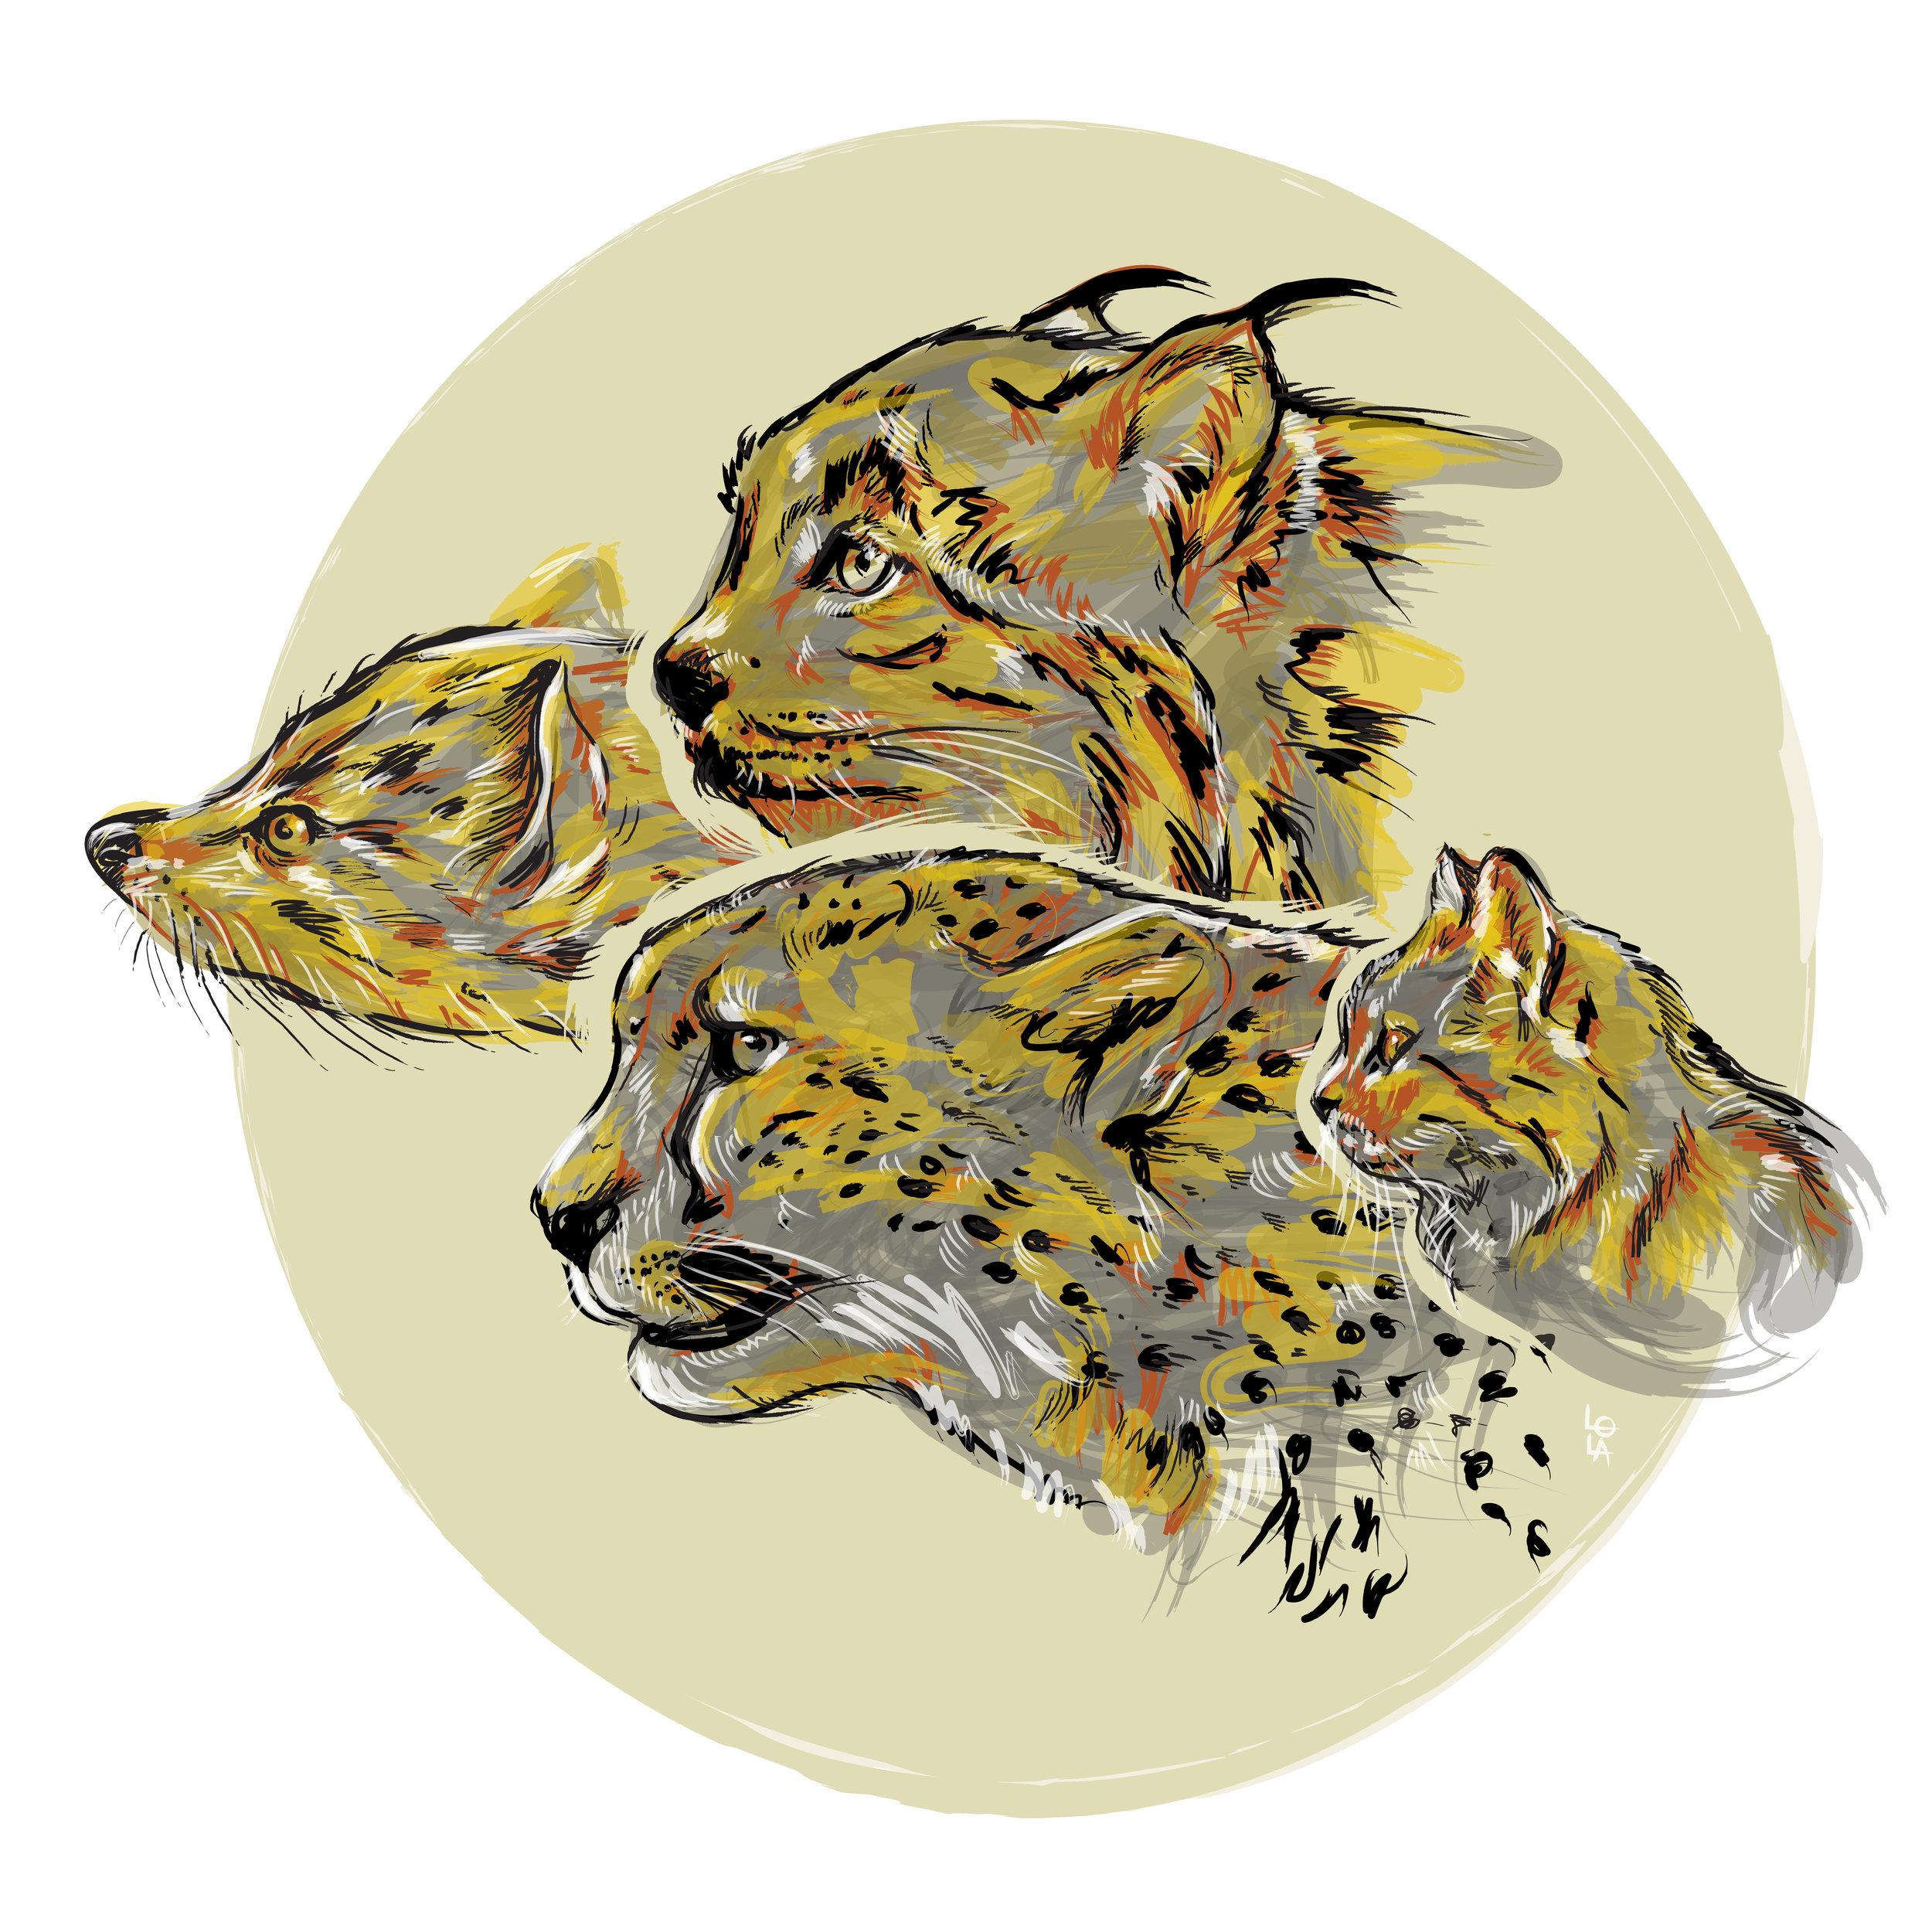 cat-evolution-01-01.jpg